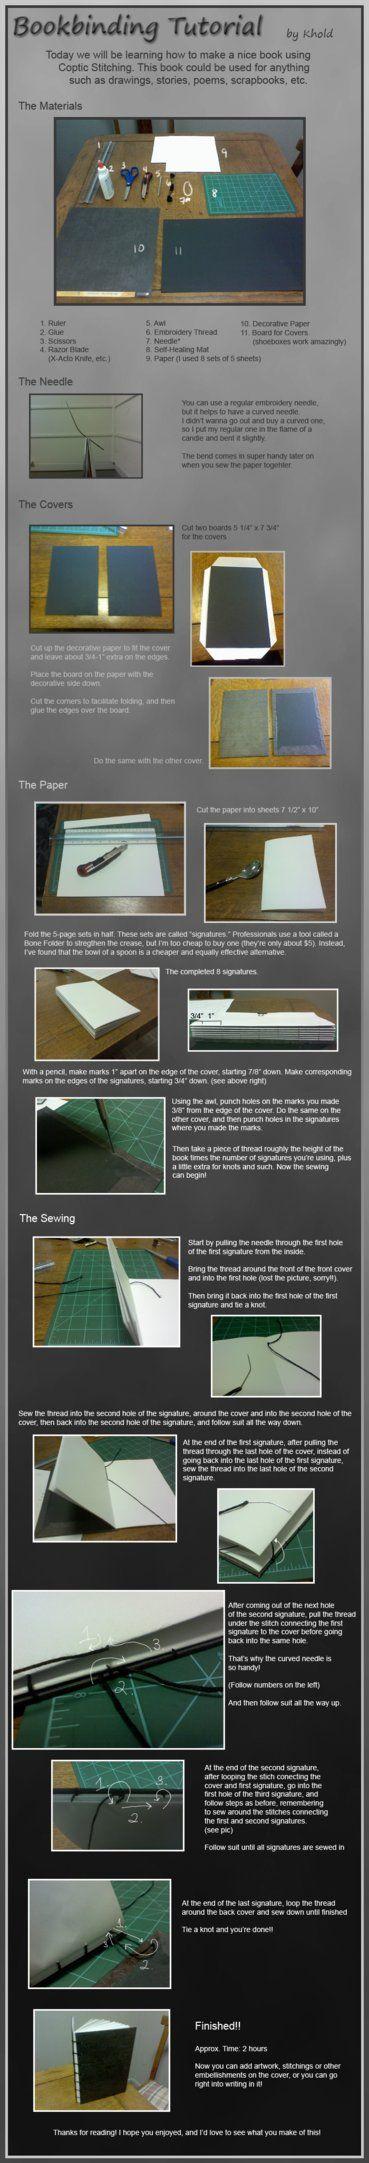 Bookbinding Tutorial by *LightAesthetic on deviantART